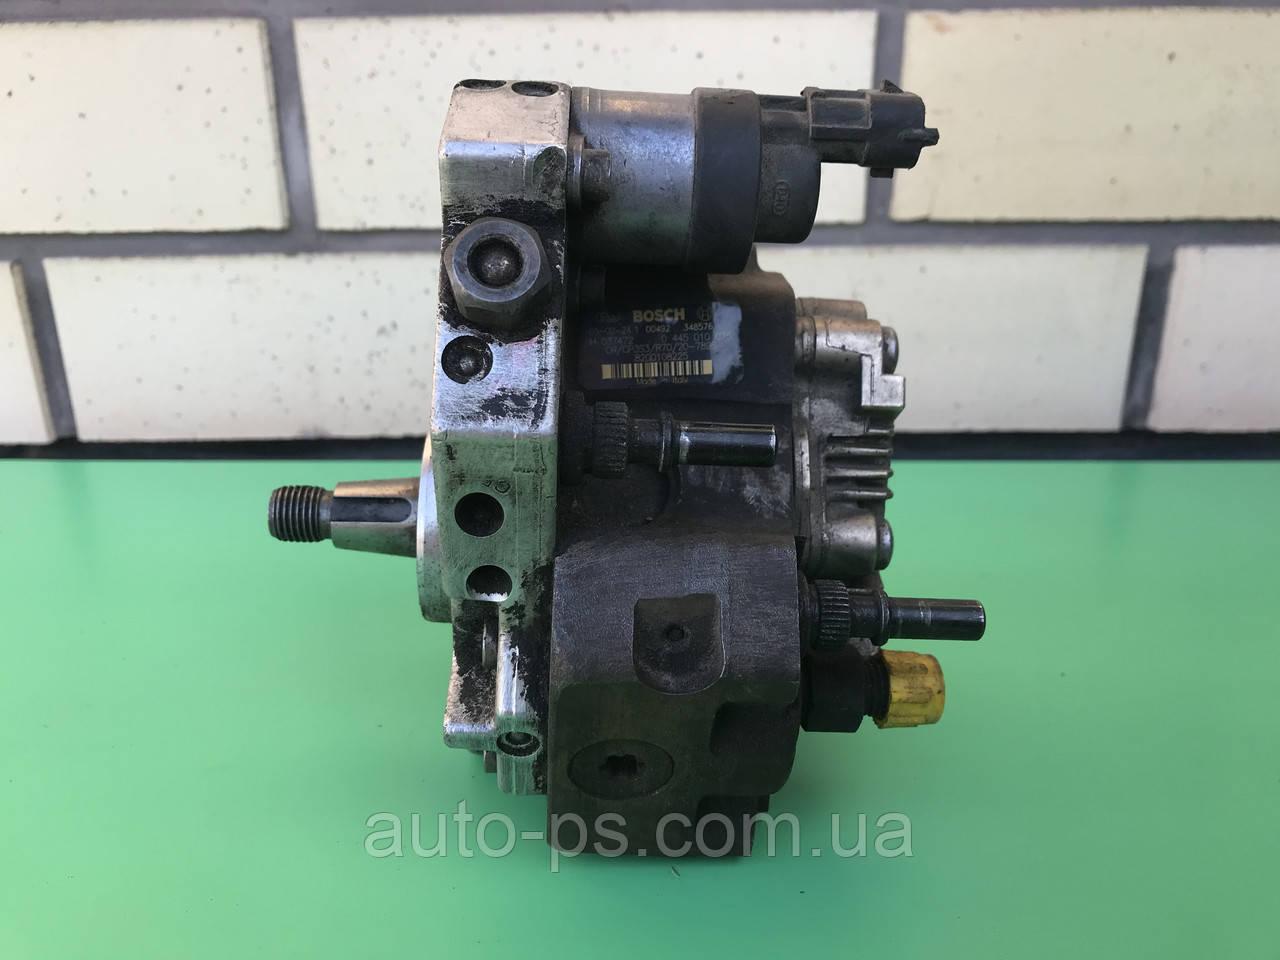 Топливный насос высокого давления (ТНВД) Renault Trafic II 1.9dCi